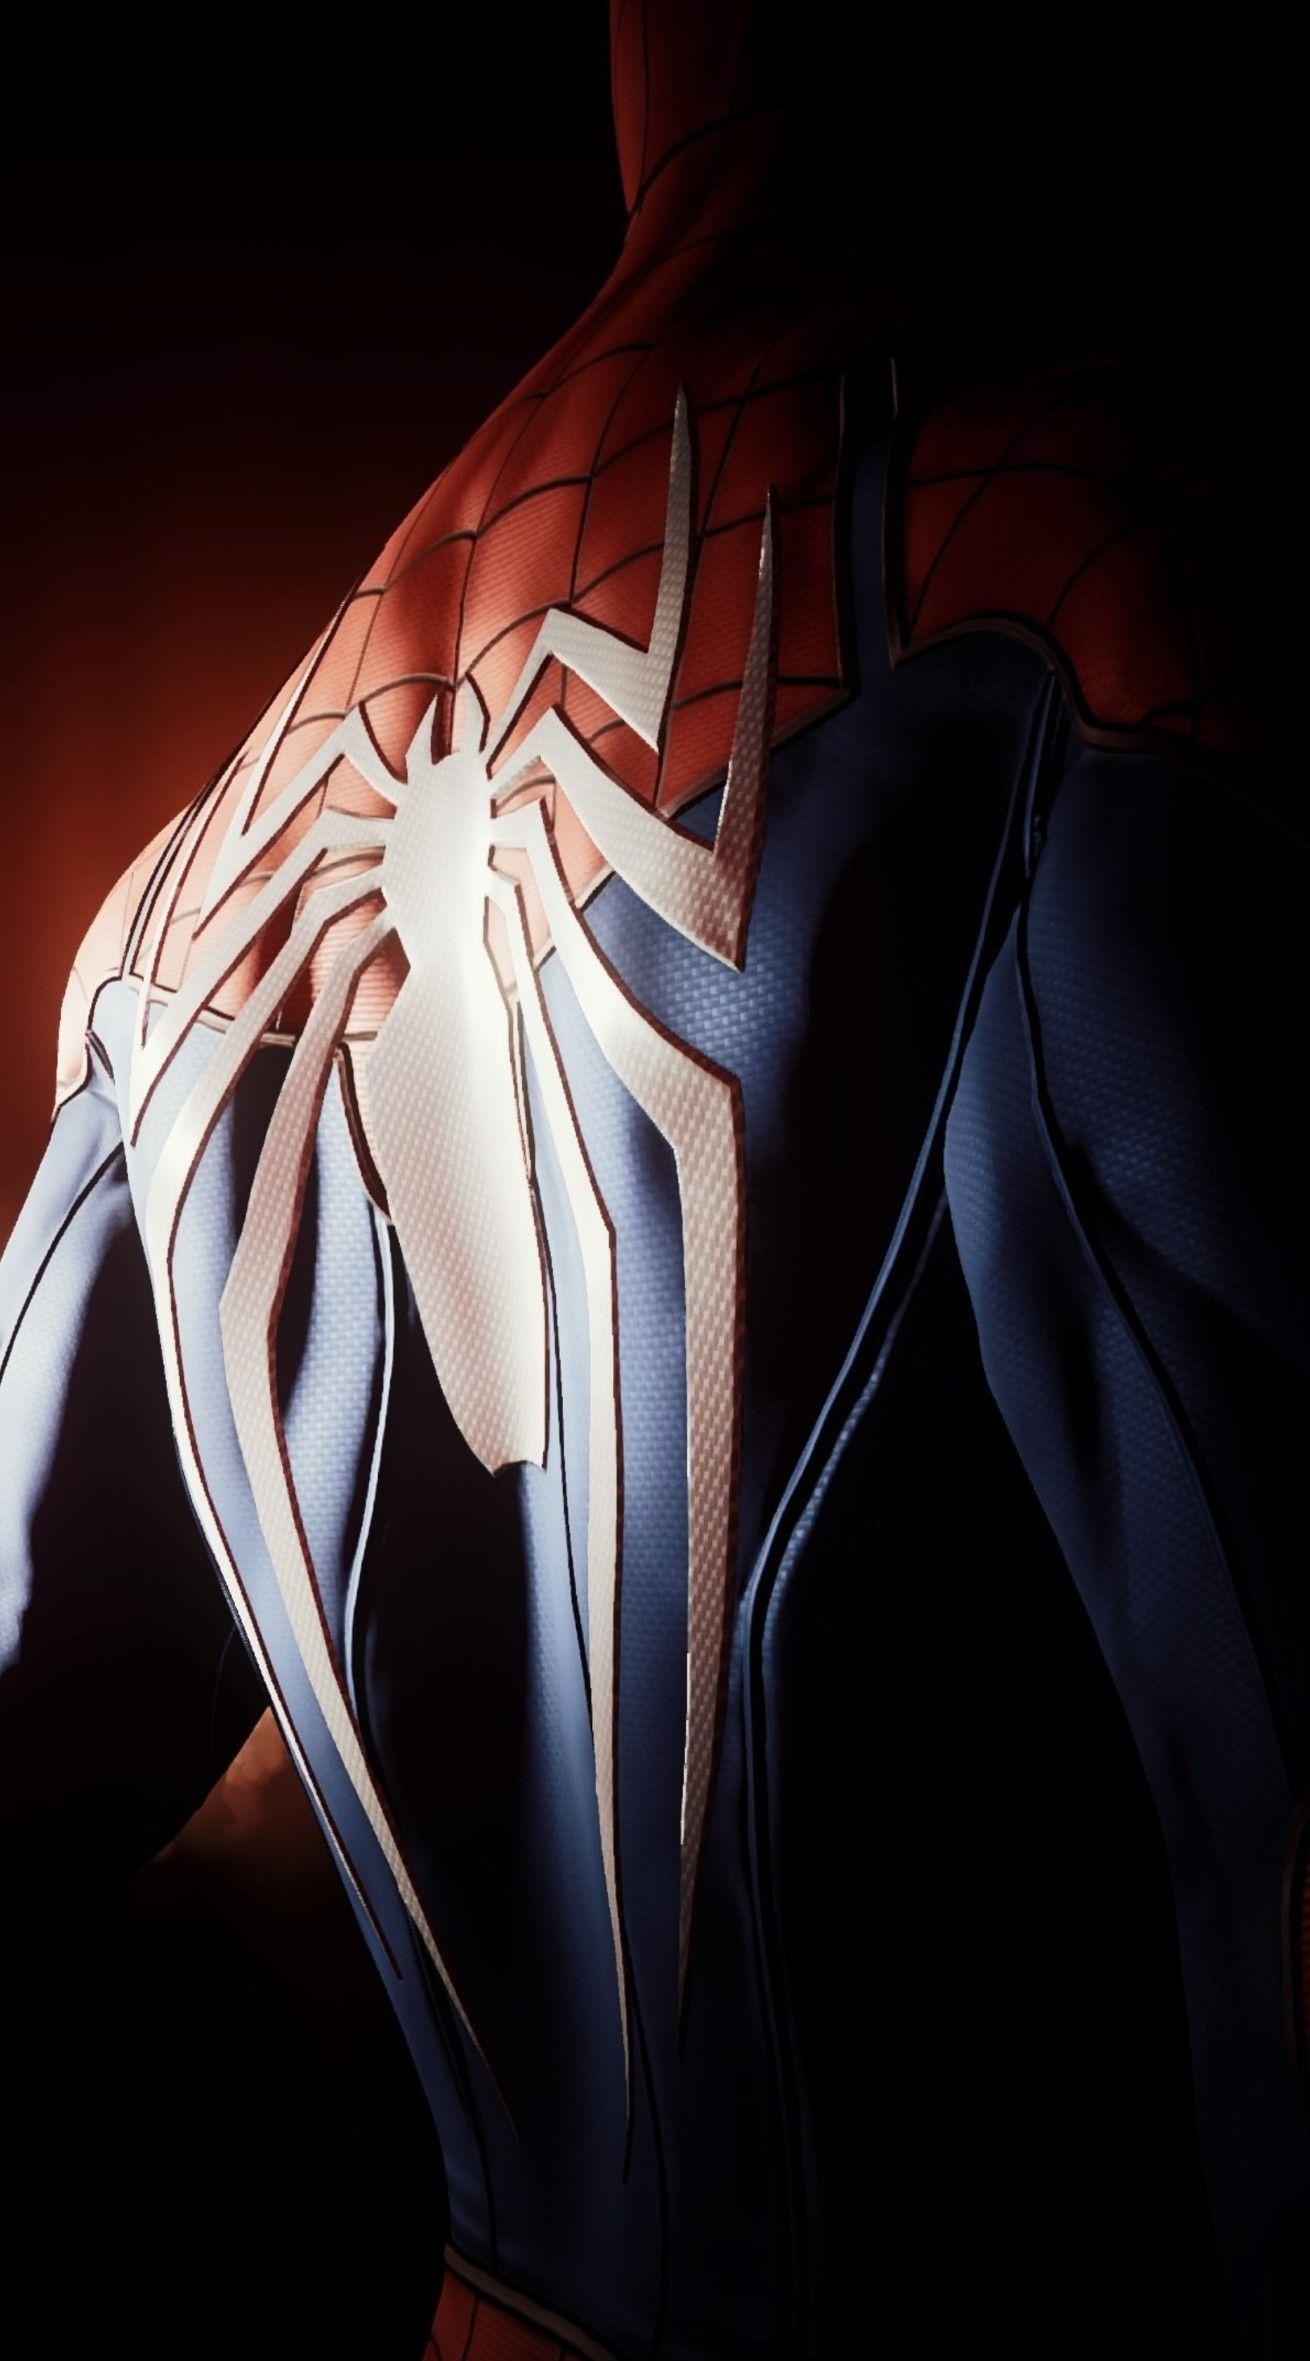 Pin By Gede Yogeswara On Spiderman Amazing Spiderman Marvel Spiderman Spiderman Art